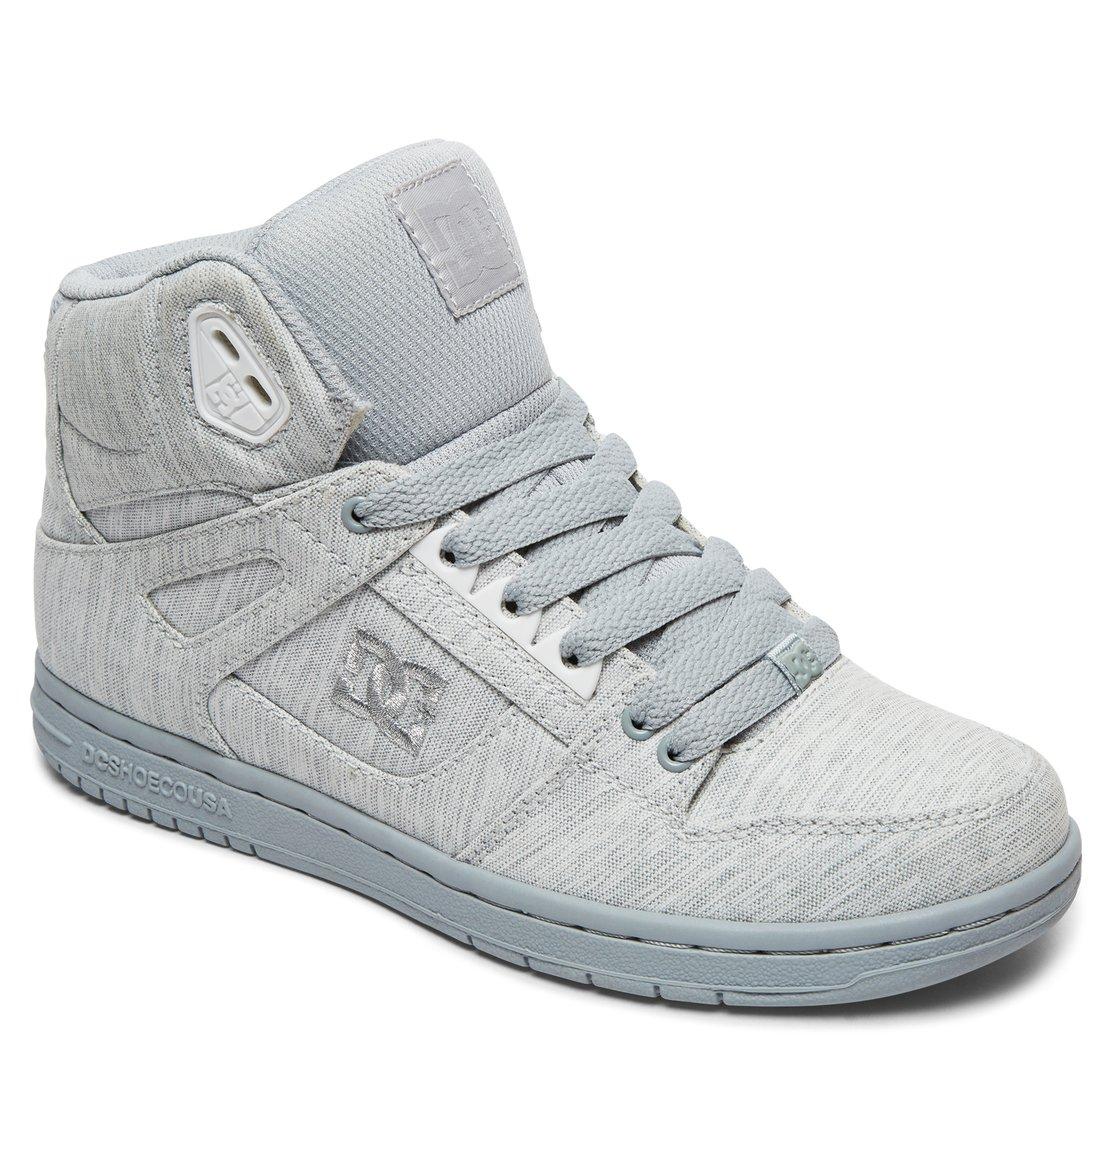 0a6d80fcd24356 1 Pure TX SE - High-Top Shoes for Women ADJS100115 DC Shoes